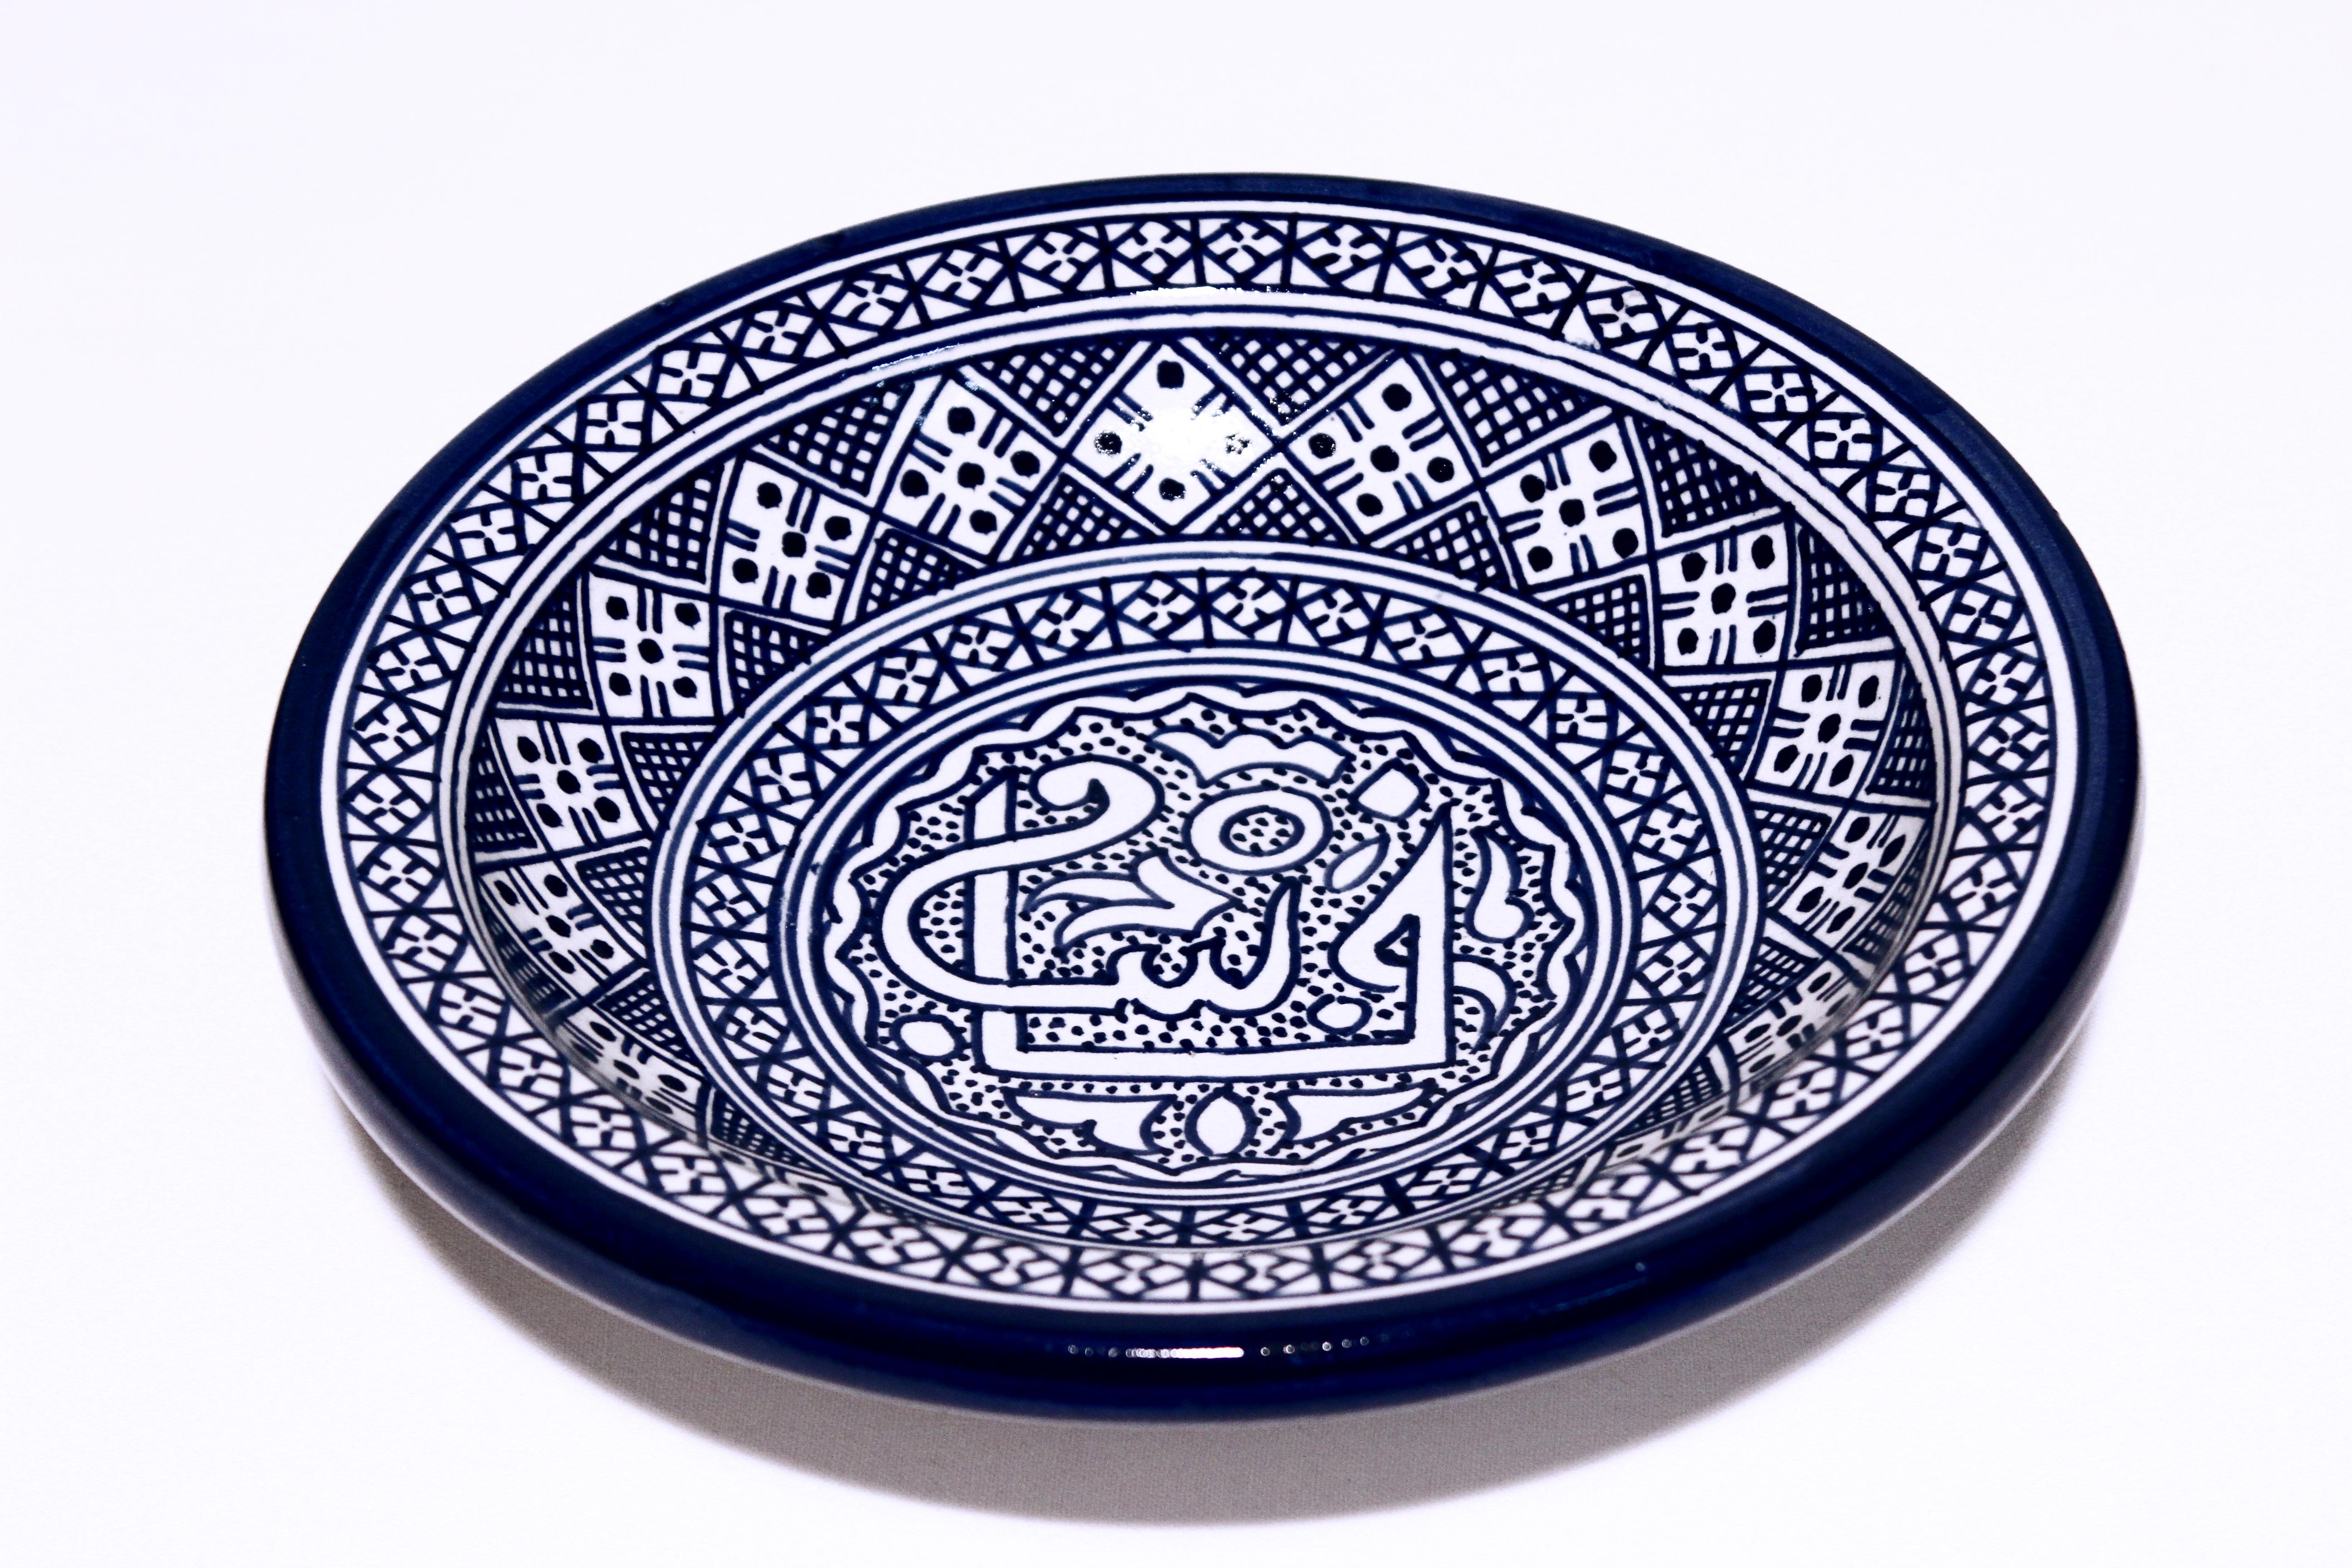 Teller Nr 23 El Fesi Oriental Art Decor Orientalisches Dekor